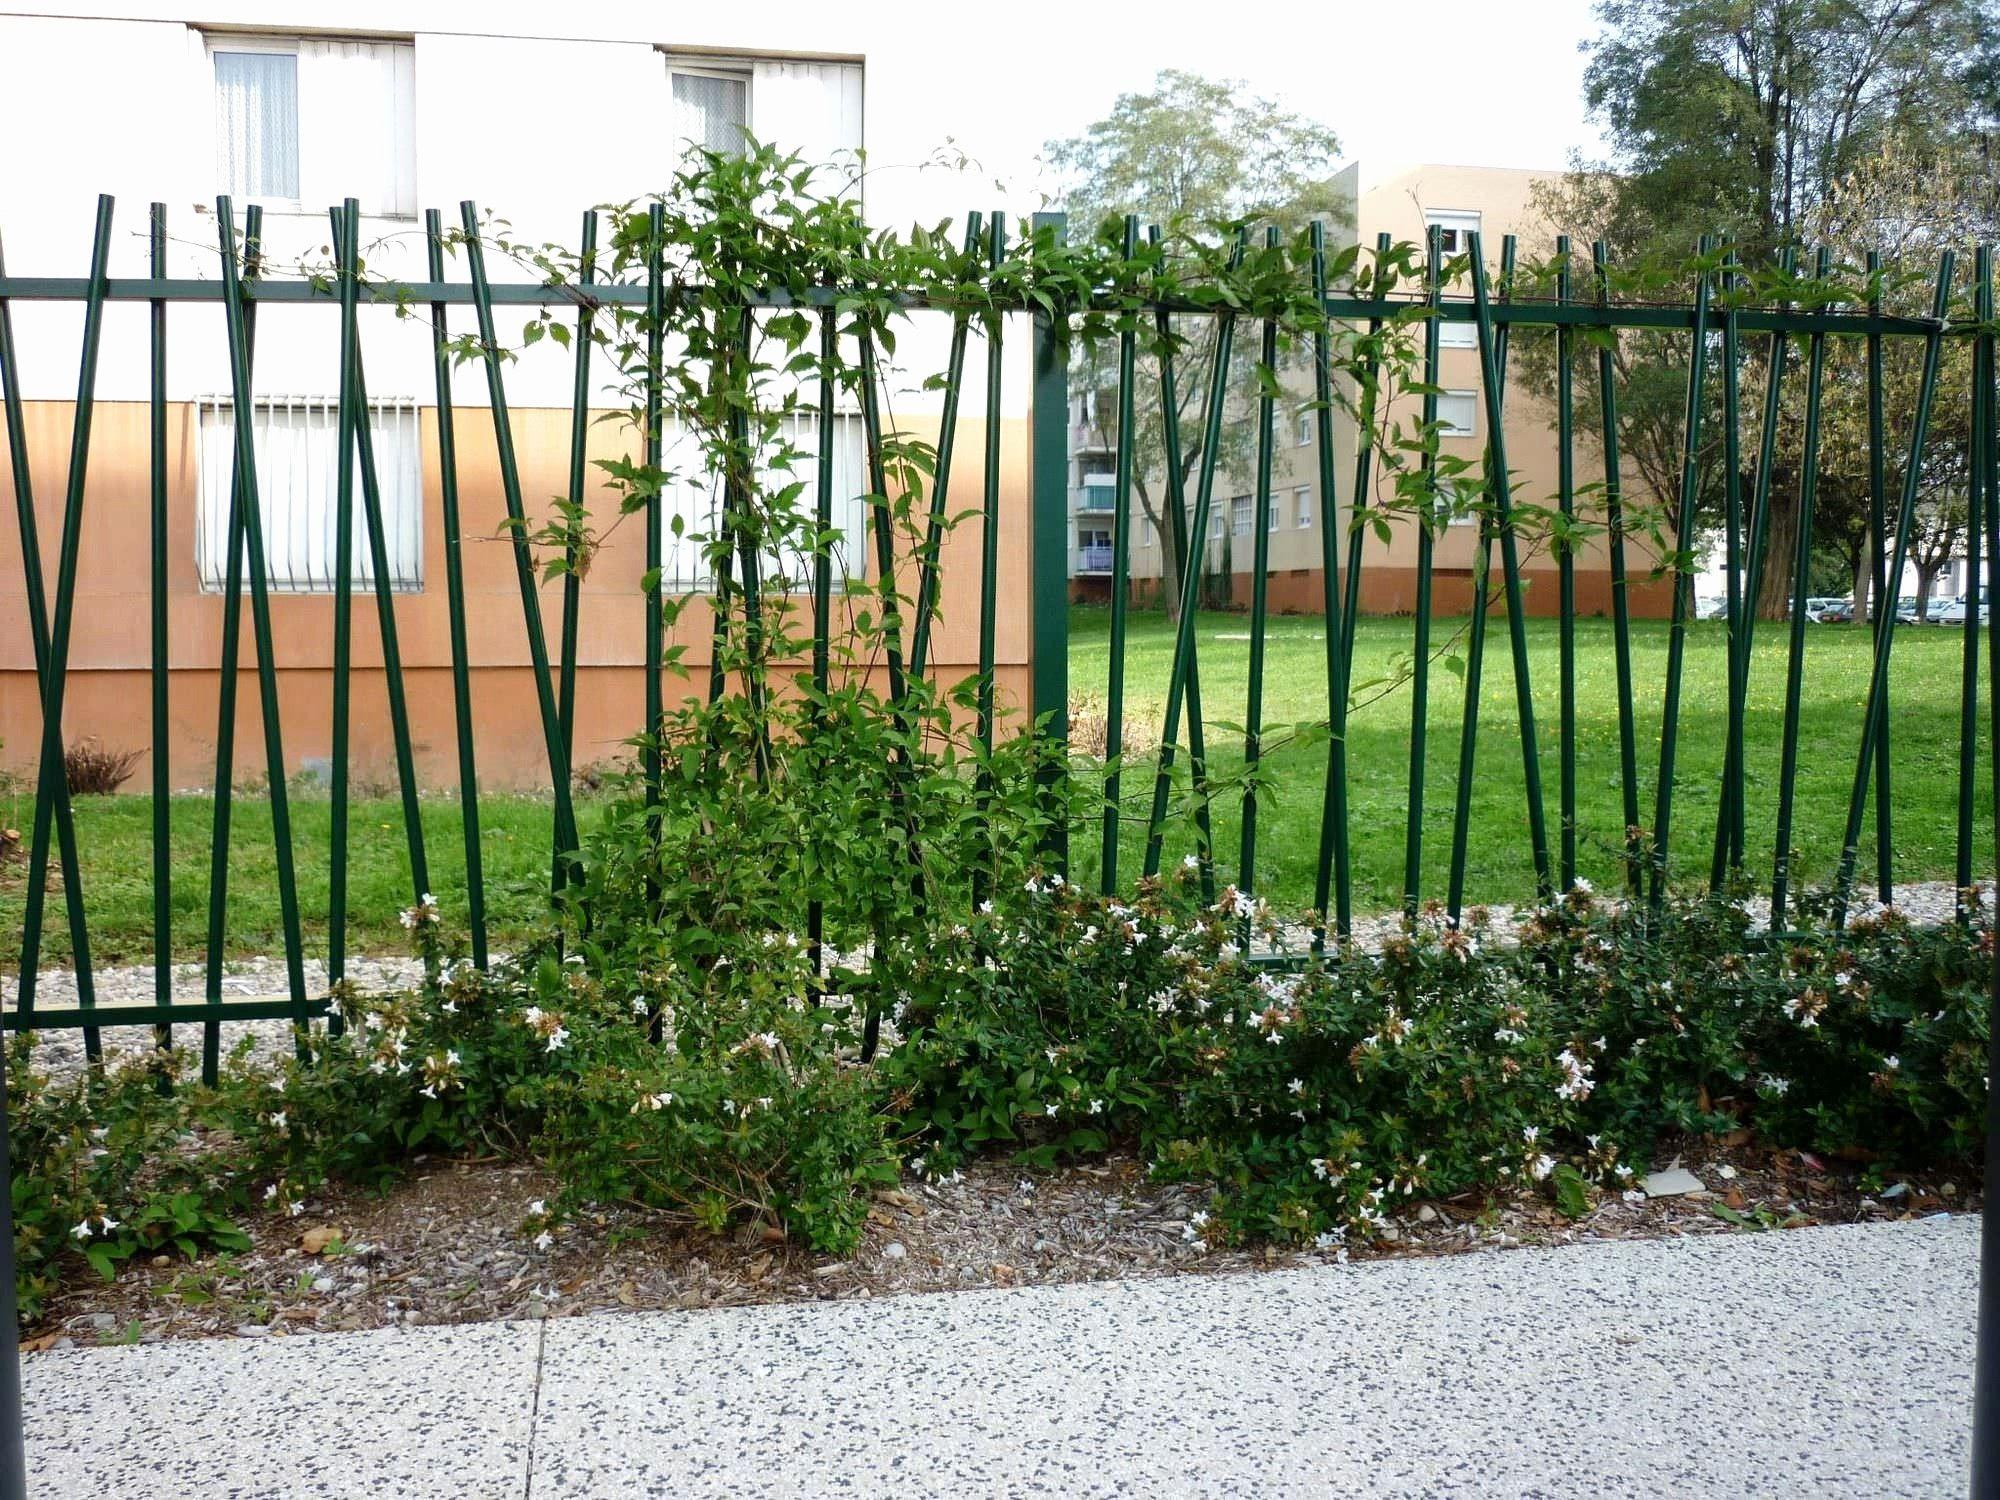 Bordure Jardin Bois Castorama Impressionnant Collection astuce Jardin Brillant Abri Jardin Bois Castorama Avec Sans Défaut